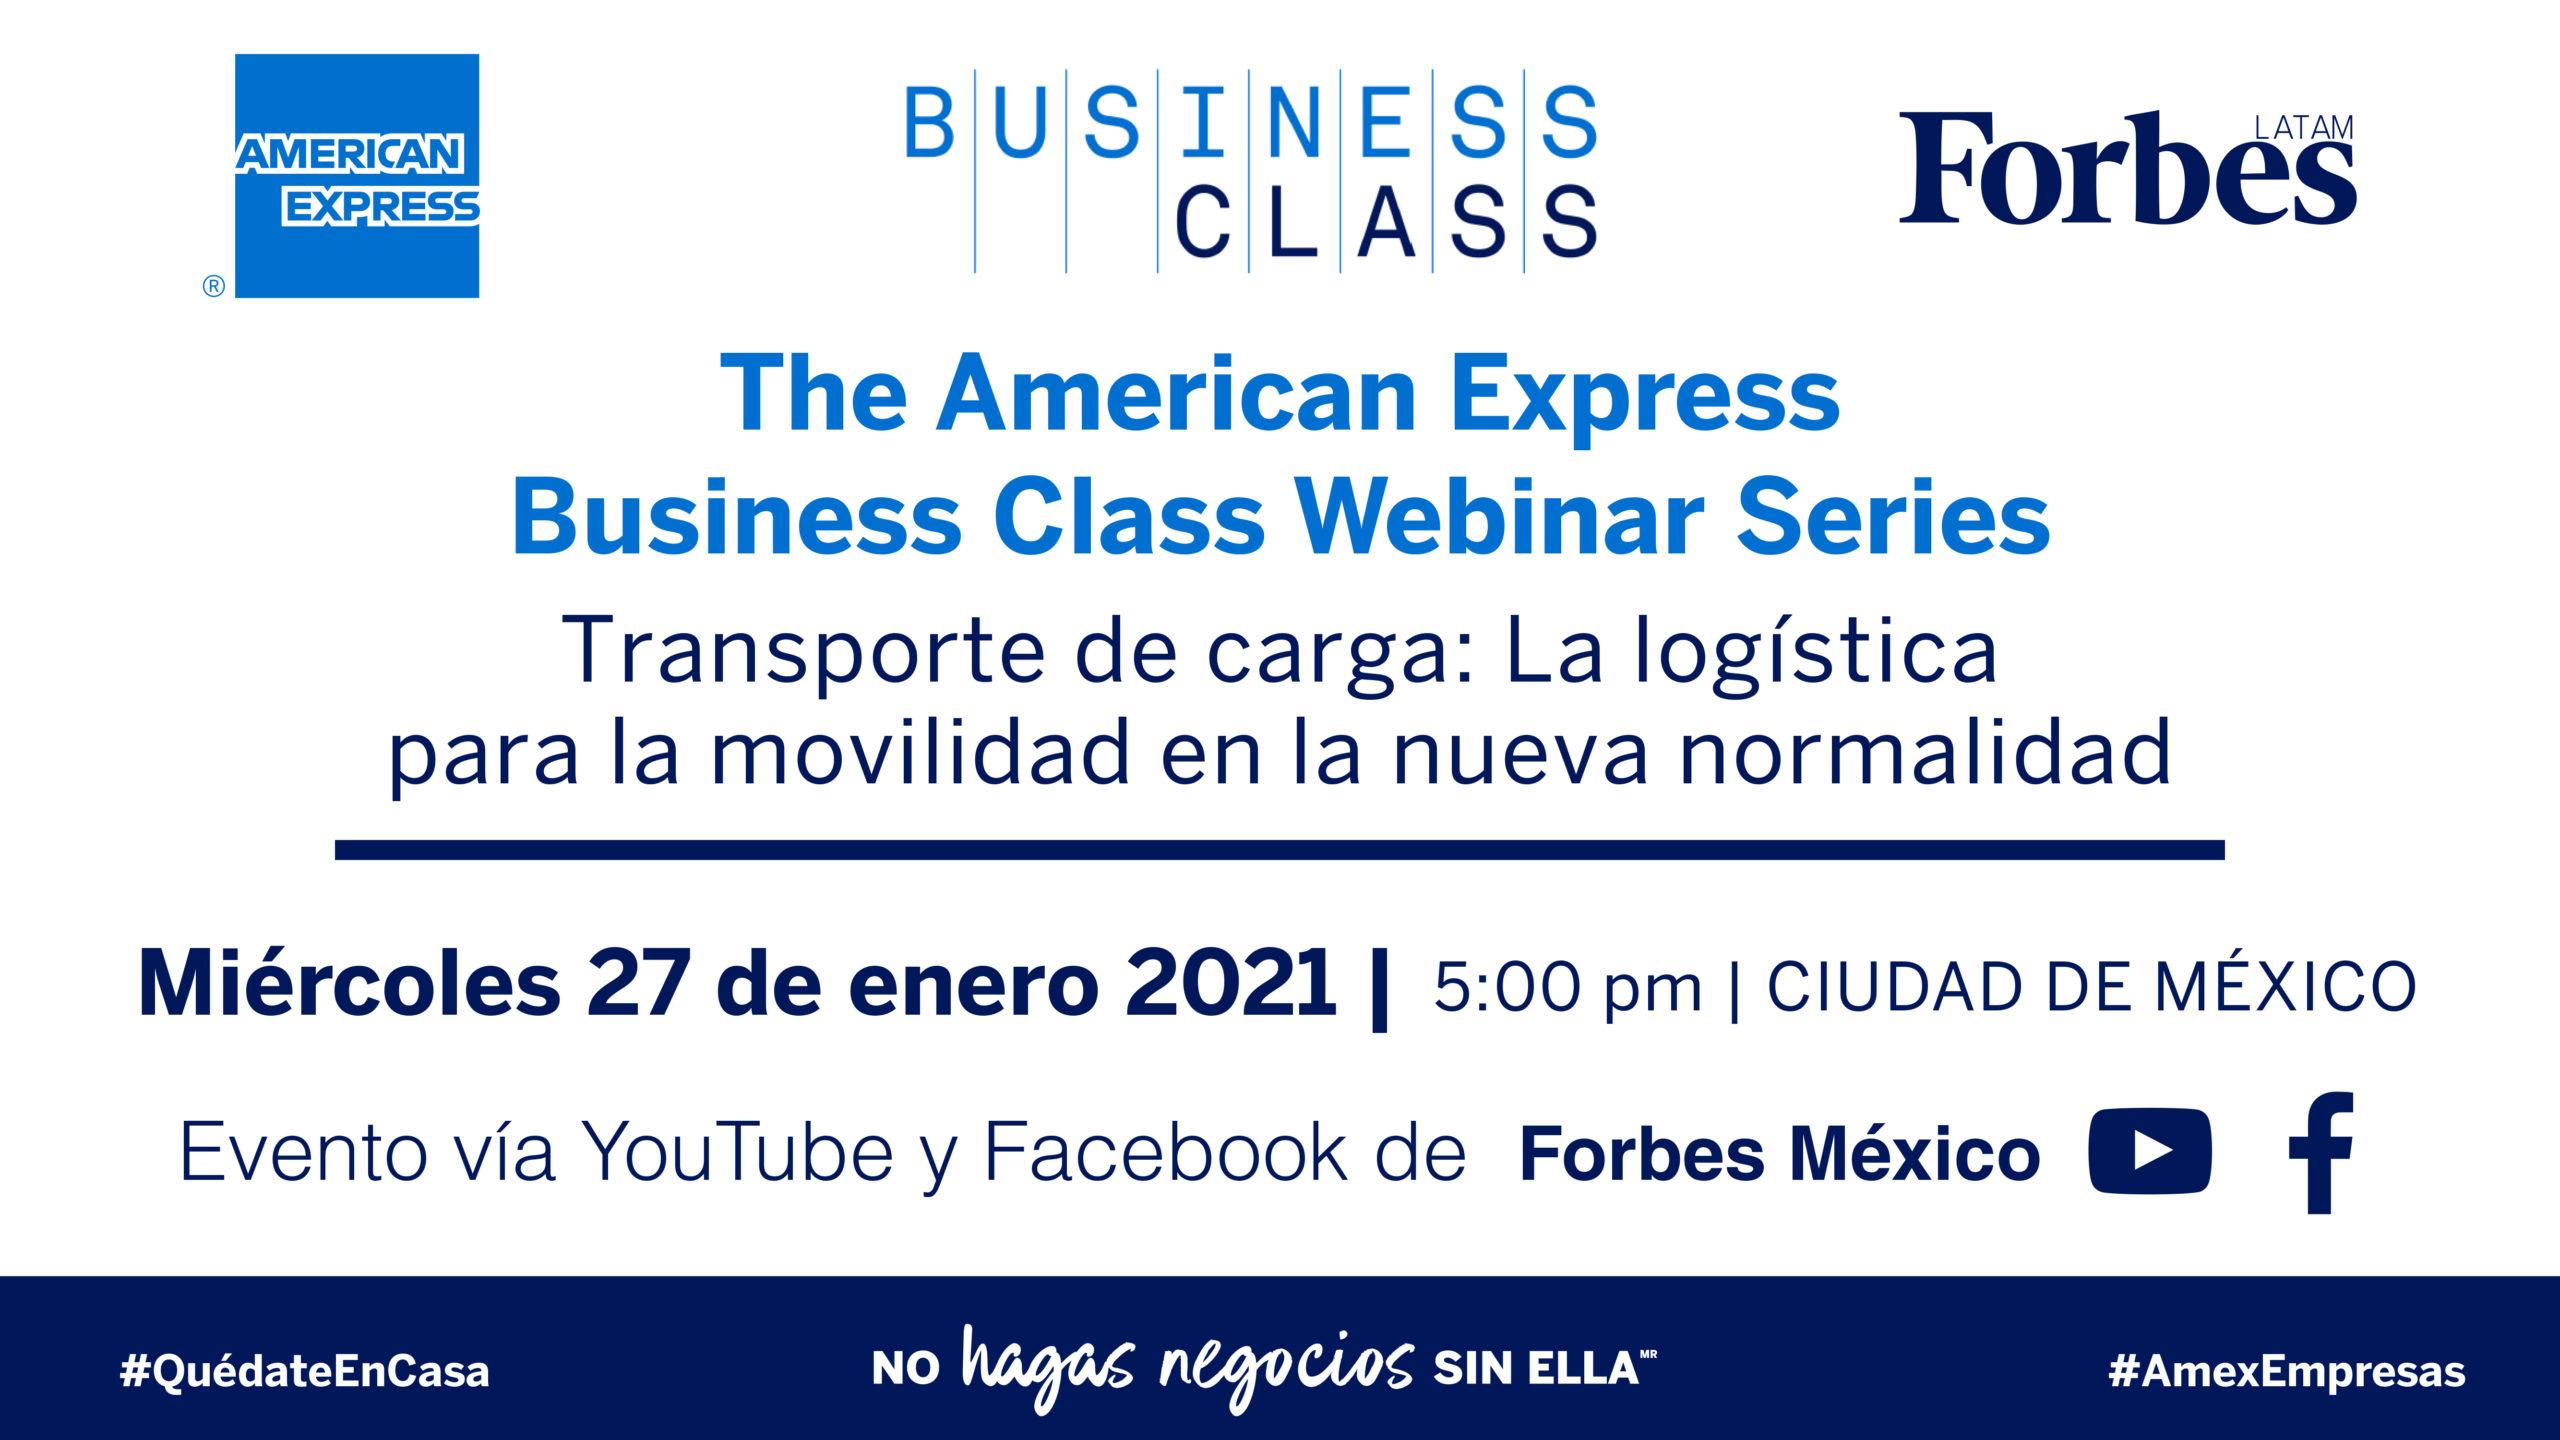 Transporte de carga: La logística para la movilidad en la nueva normalidad | AMEX Business Class